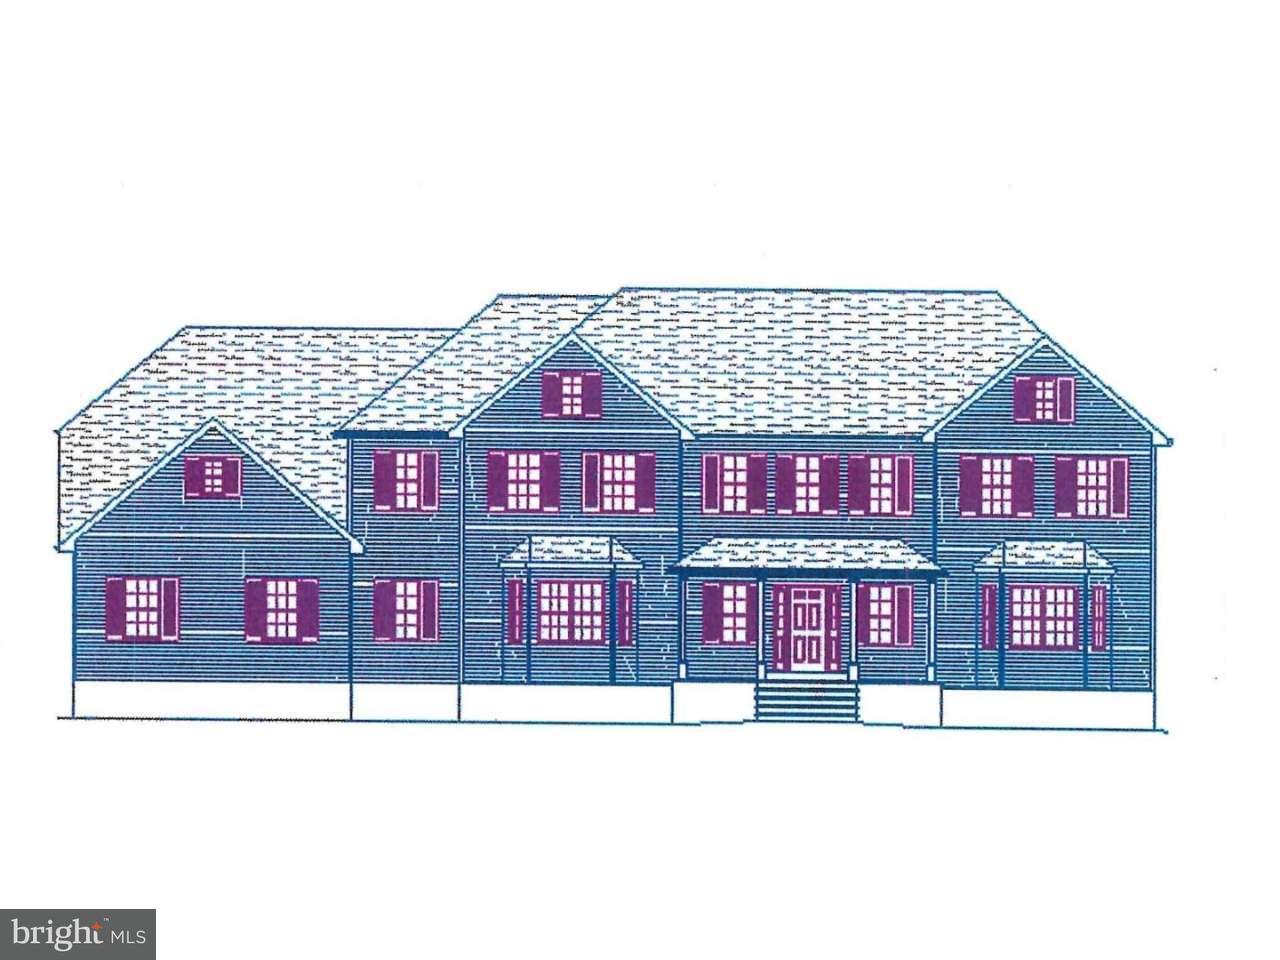 Частный односемейный дом для того Продажа на 6B SIENNA Court Robbinsville, Нью-Джерси 08691 Соединенные ШтатыВ/Около: Robbinsville Township